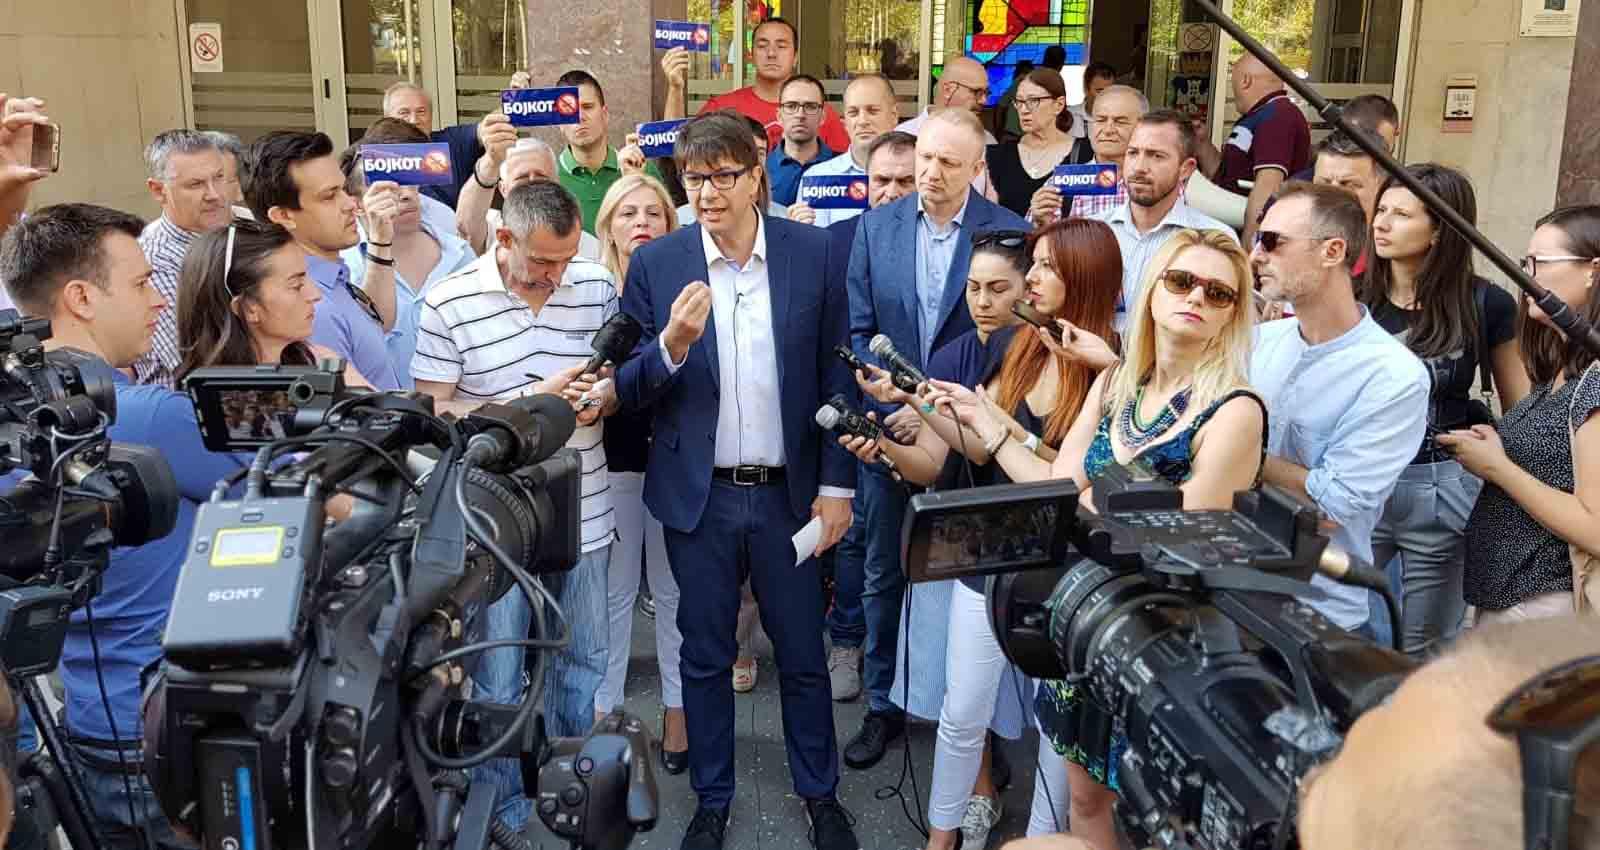 Јовановић: Весић кршећи закон наметнуо свог правобраниоца